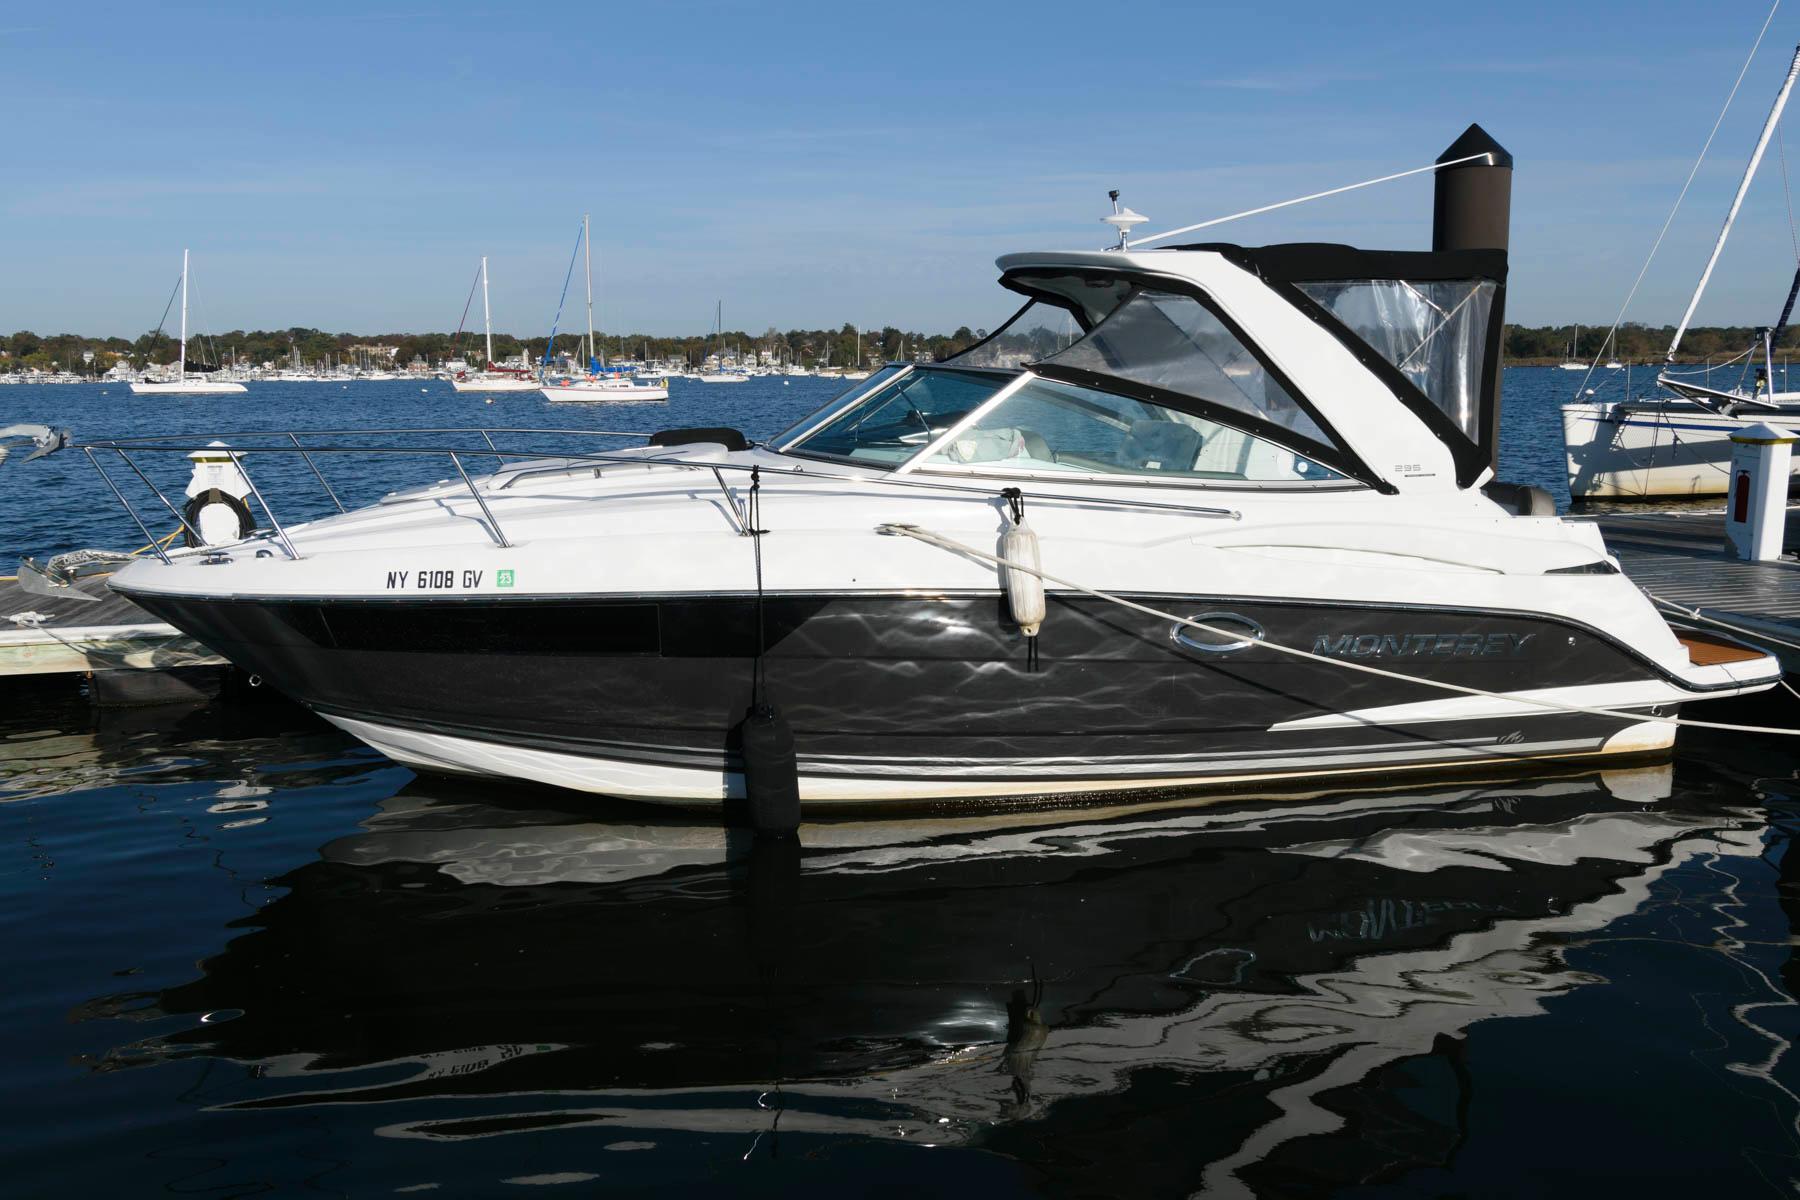 NY 5765 SF Knot 10 Yacht Sales